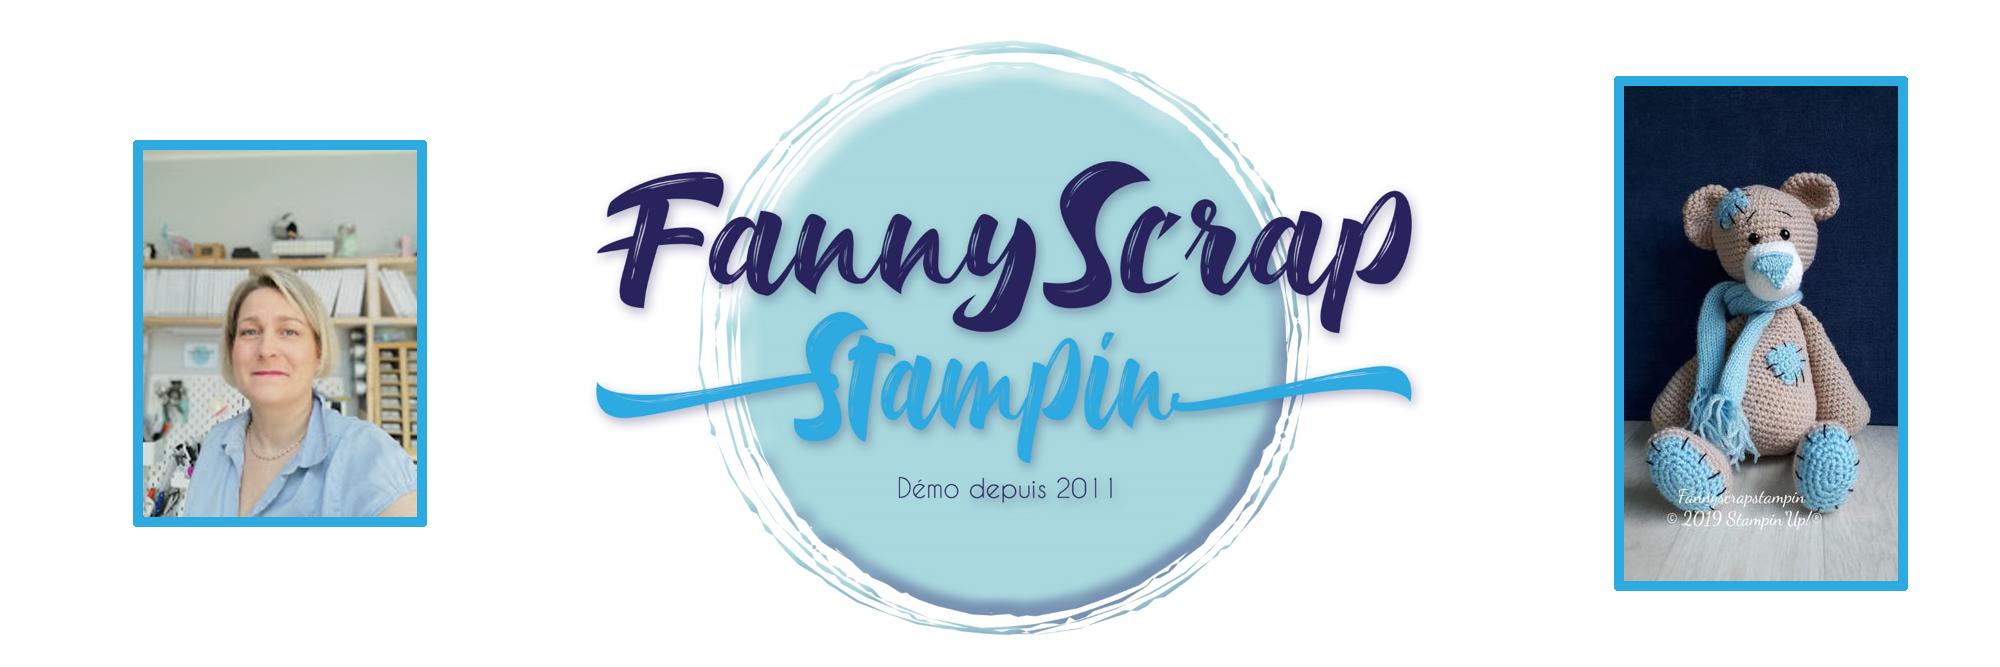 Fannyscrapstampin